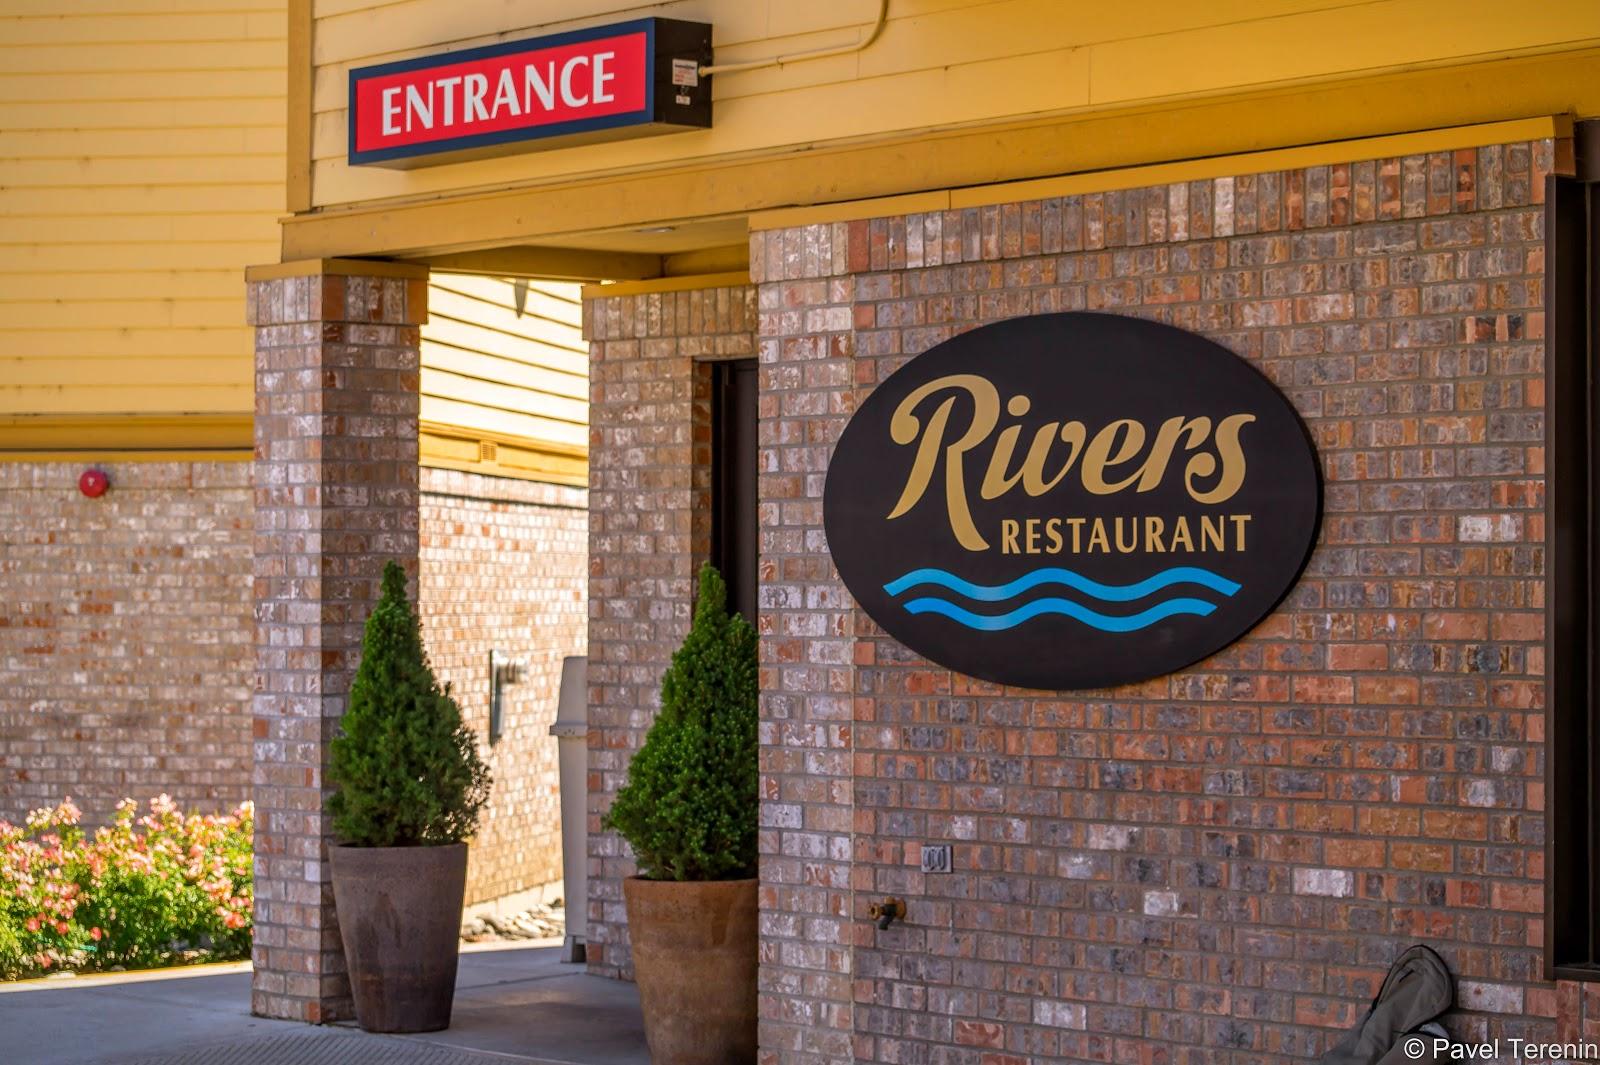 мы несказанно были рады обнаружить самый настоящий ресторан в городке Патерос